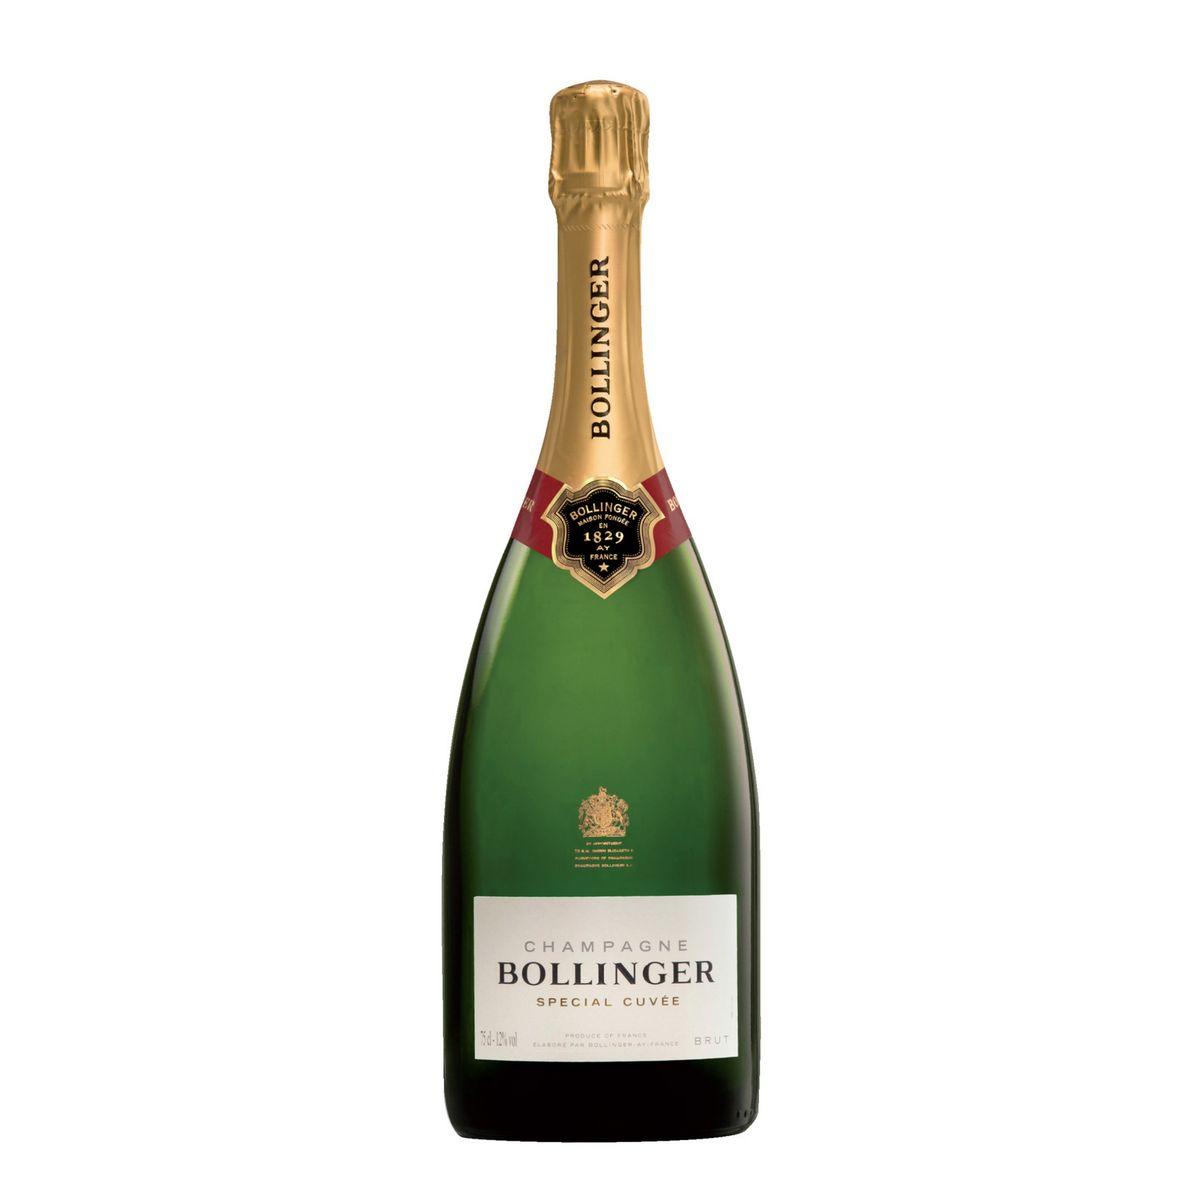 AOP Champagne brut cuvée spéciale